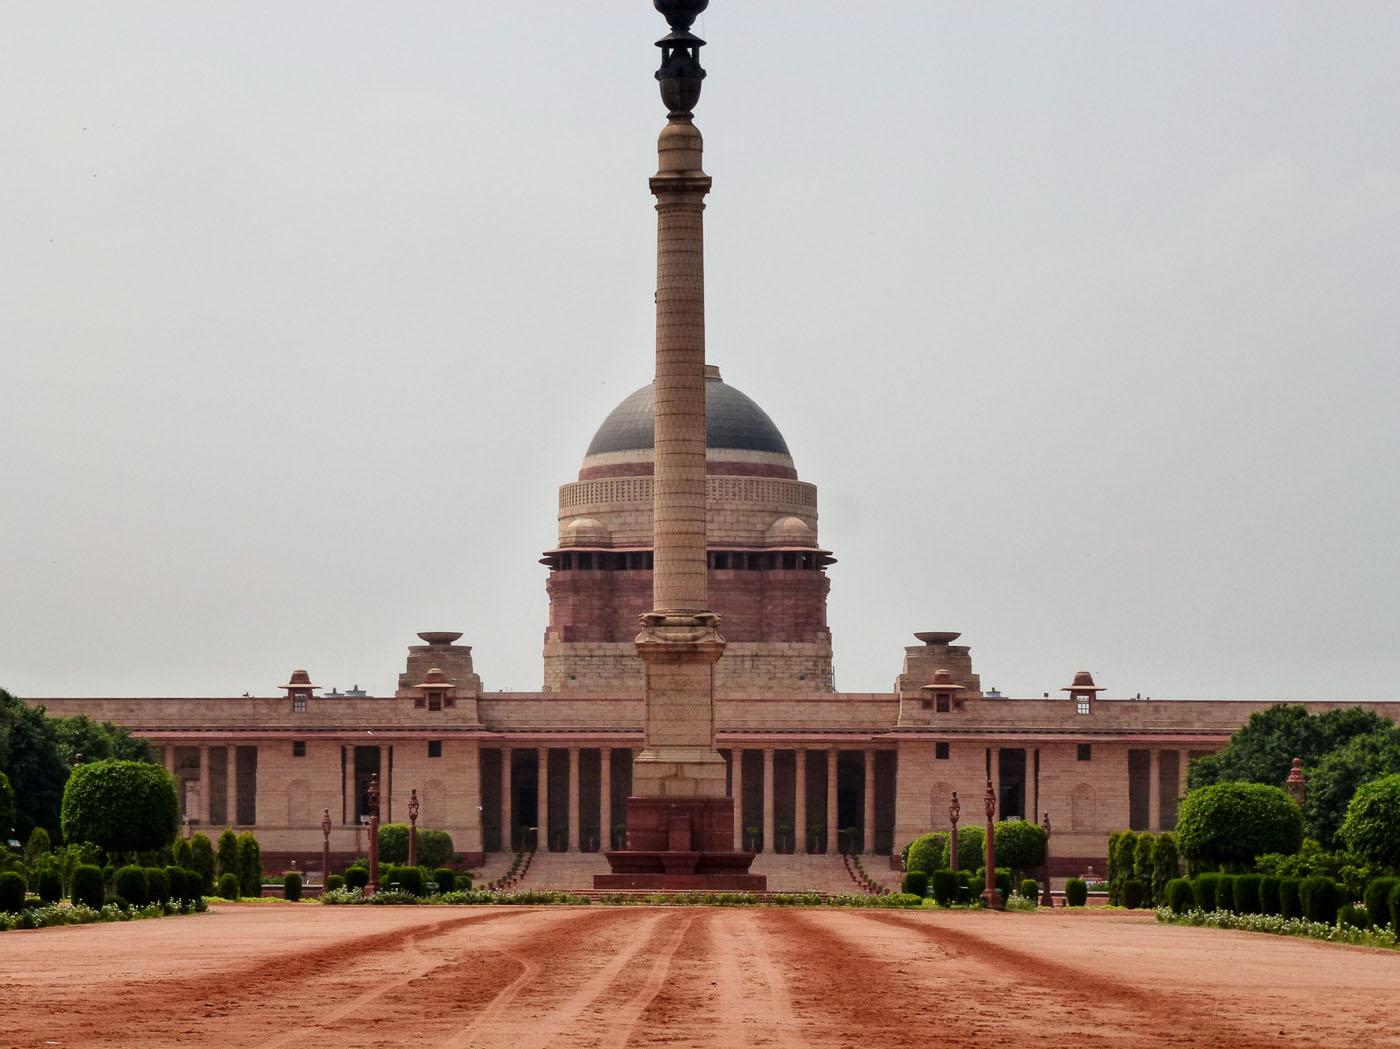 Фотография 4. Туры в Индию. Экскурсии в Дели. Дворец президента